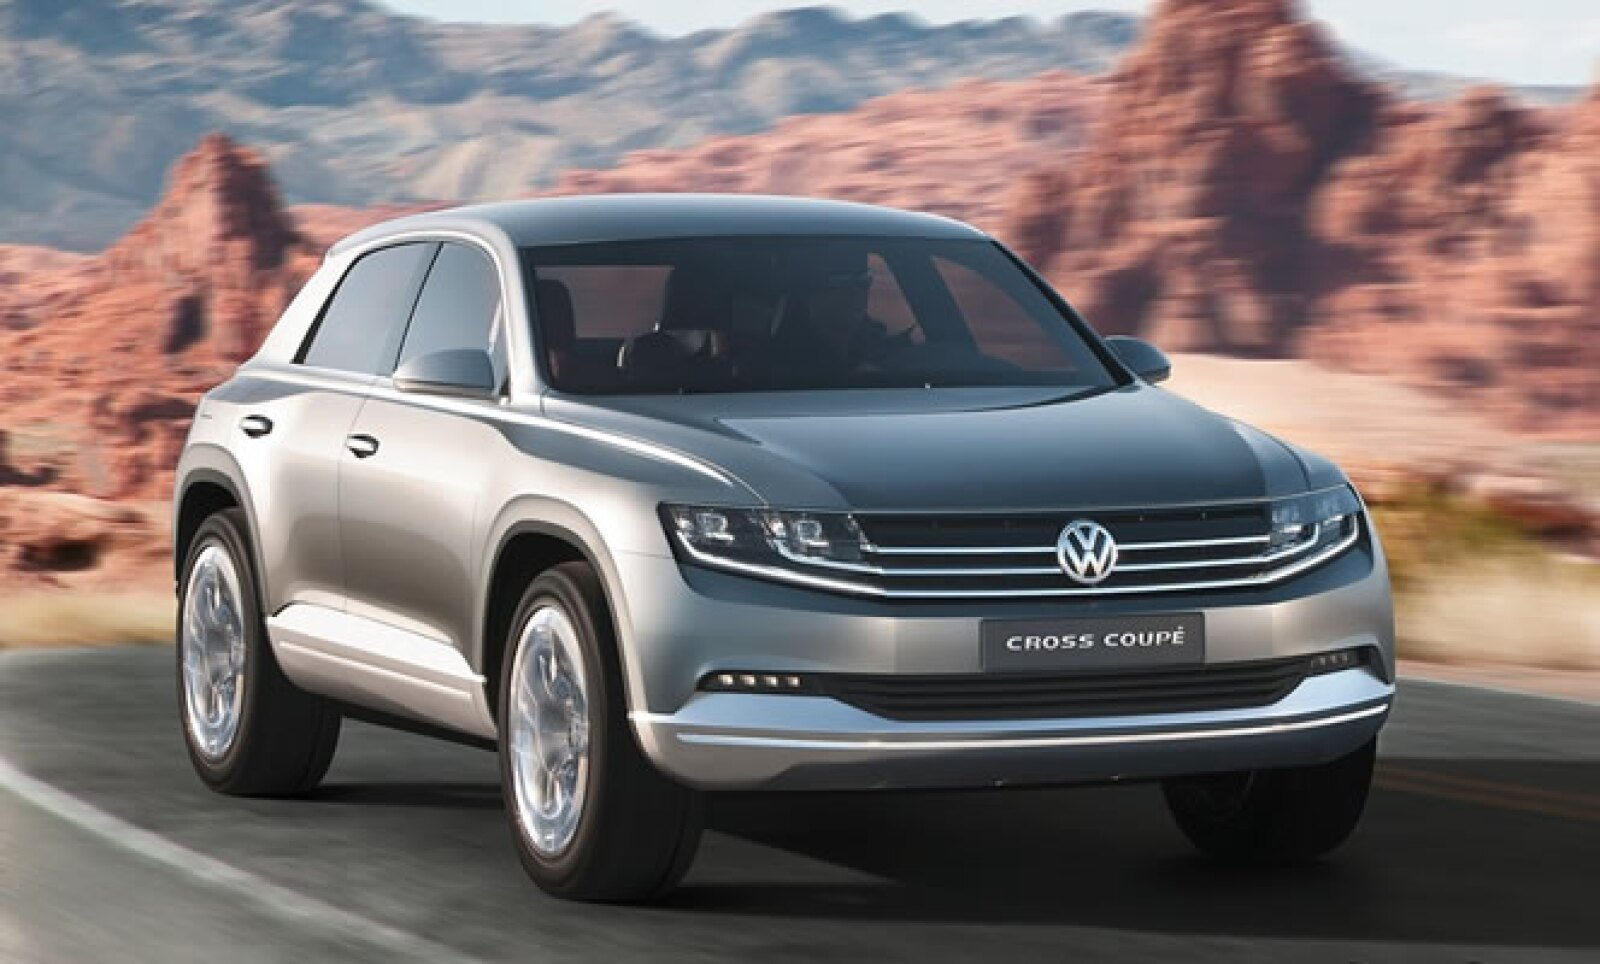 Con 4,345 mm el vehículo es más extenso que el Golf pero más corto que un Tiguan.